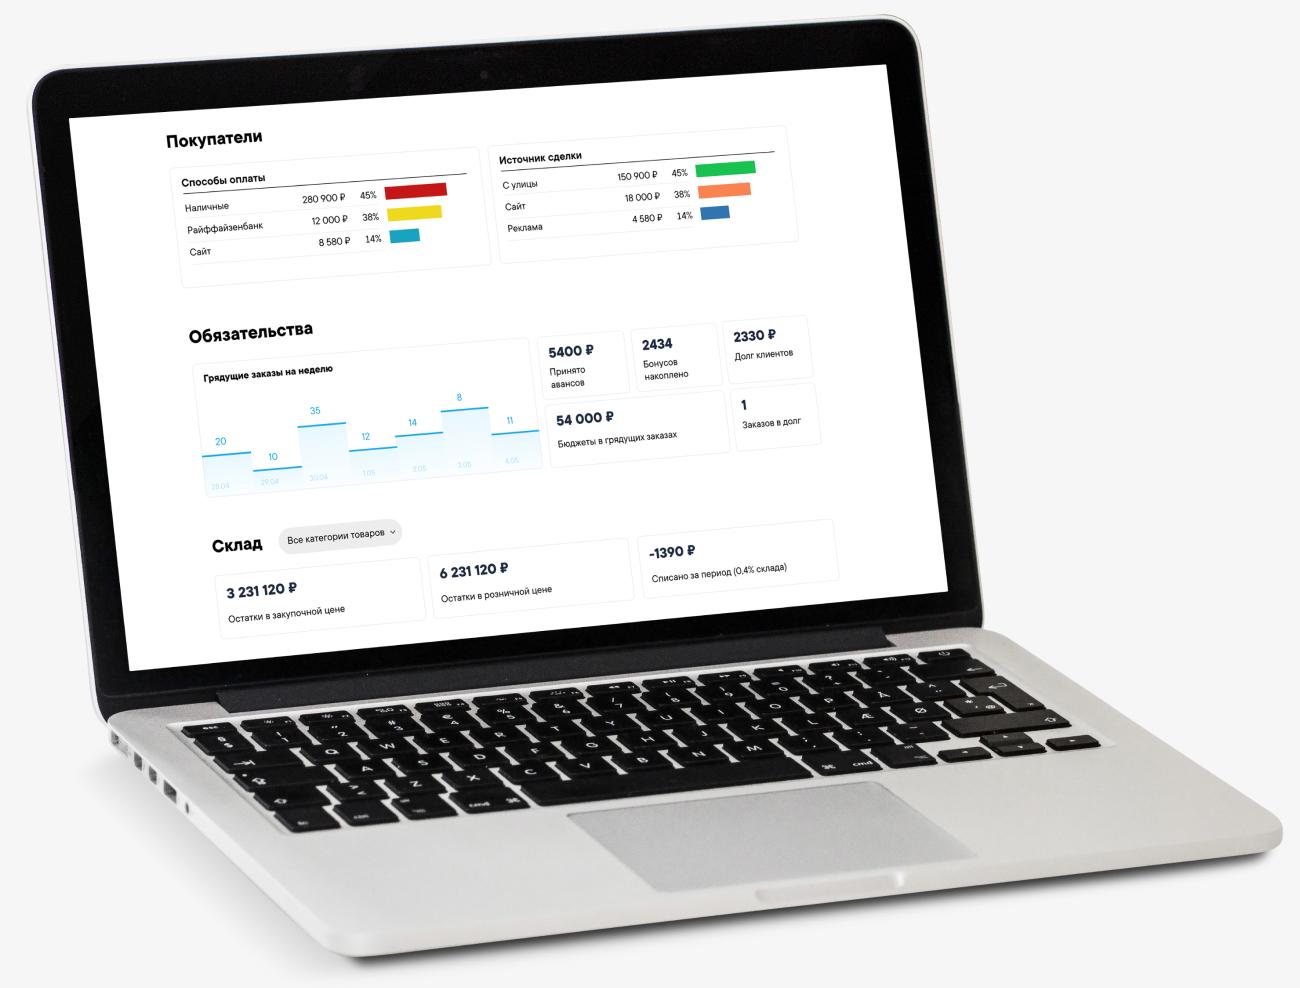 Ноутбук с интерфейсом POSiFLORA на экране